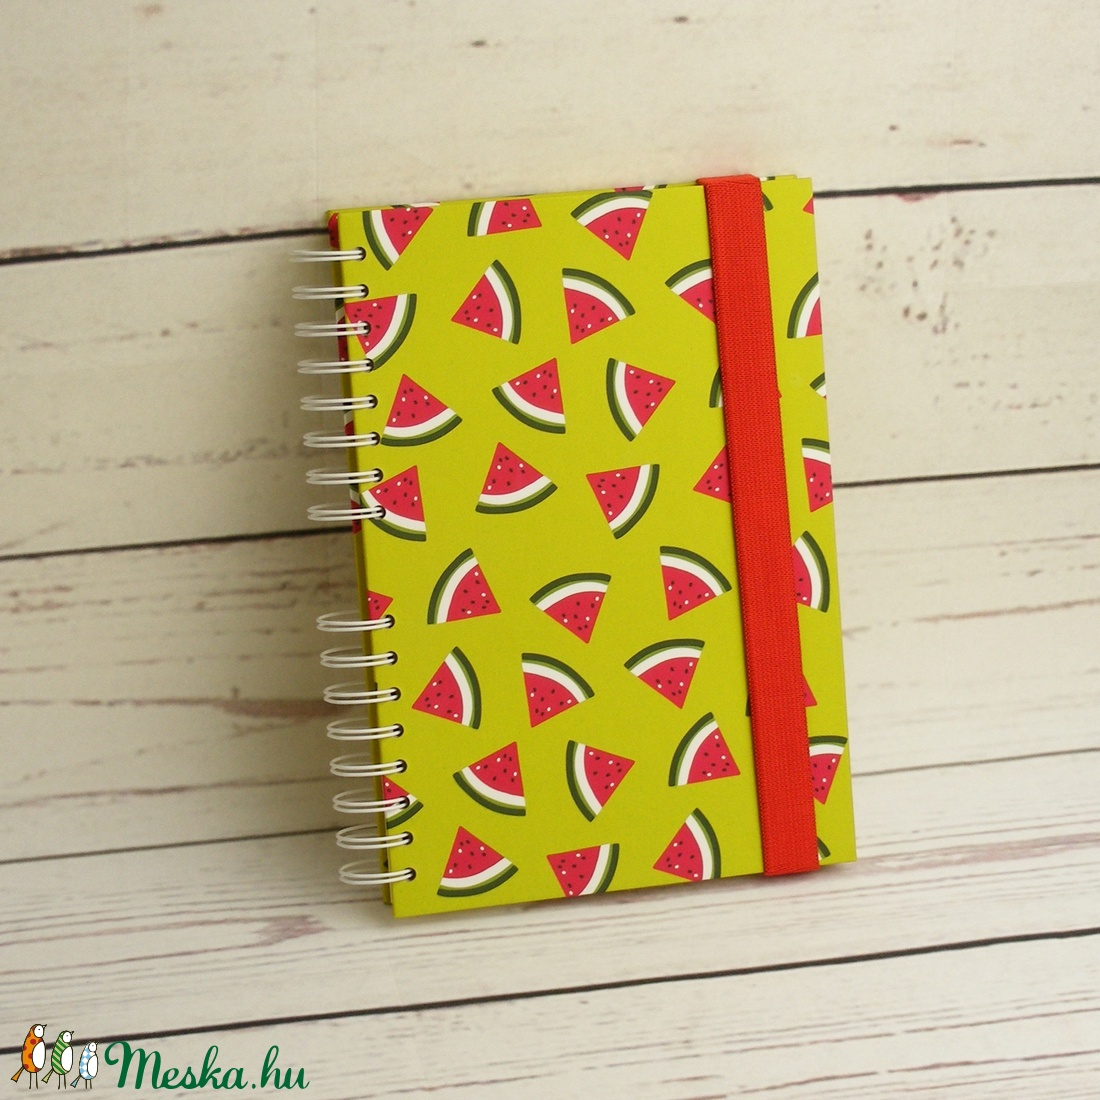 Dinnyés füzet, spirálfüzet kemény borítóval, spirálozott jegyzetfüzet, gyümölcsmintás notesz piros gumival, nyári színek - otthon & lakás - papír írószer - jegyzetfüzet & napló - Meska.hu